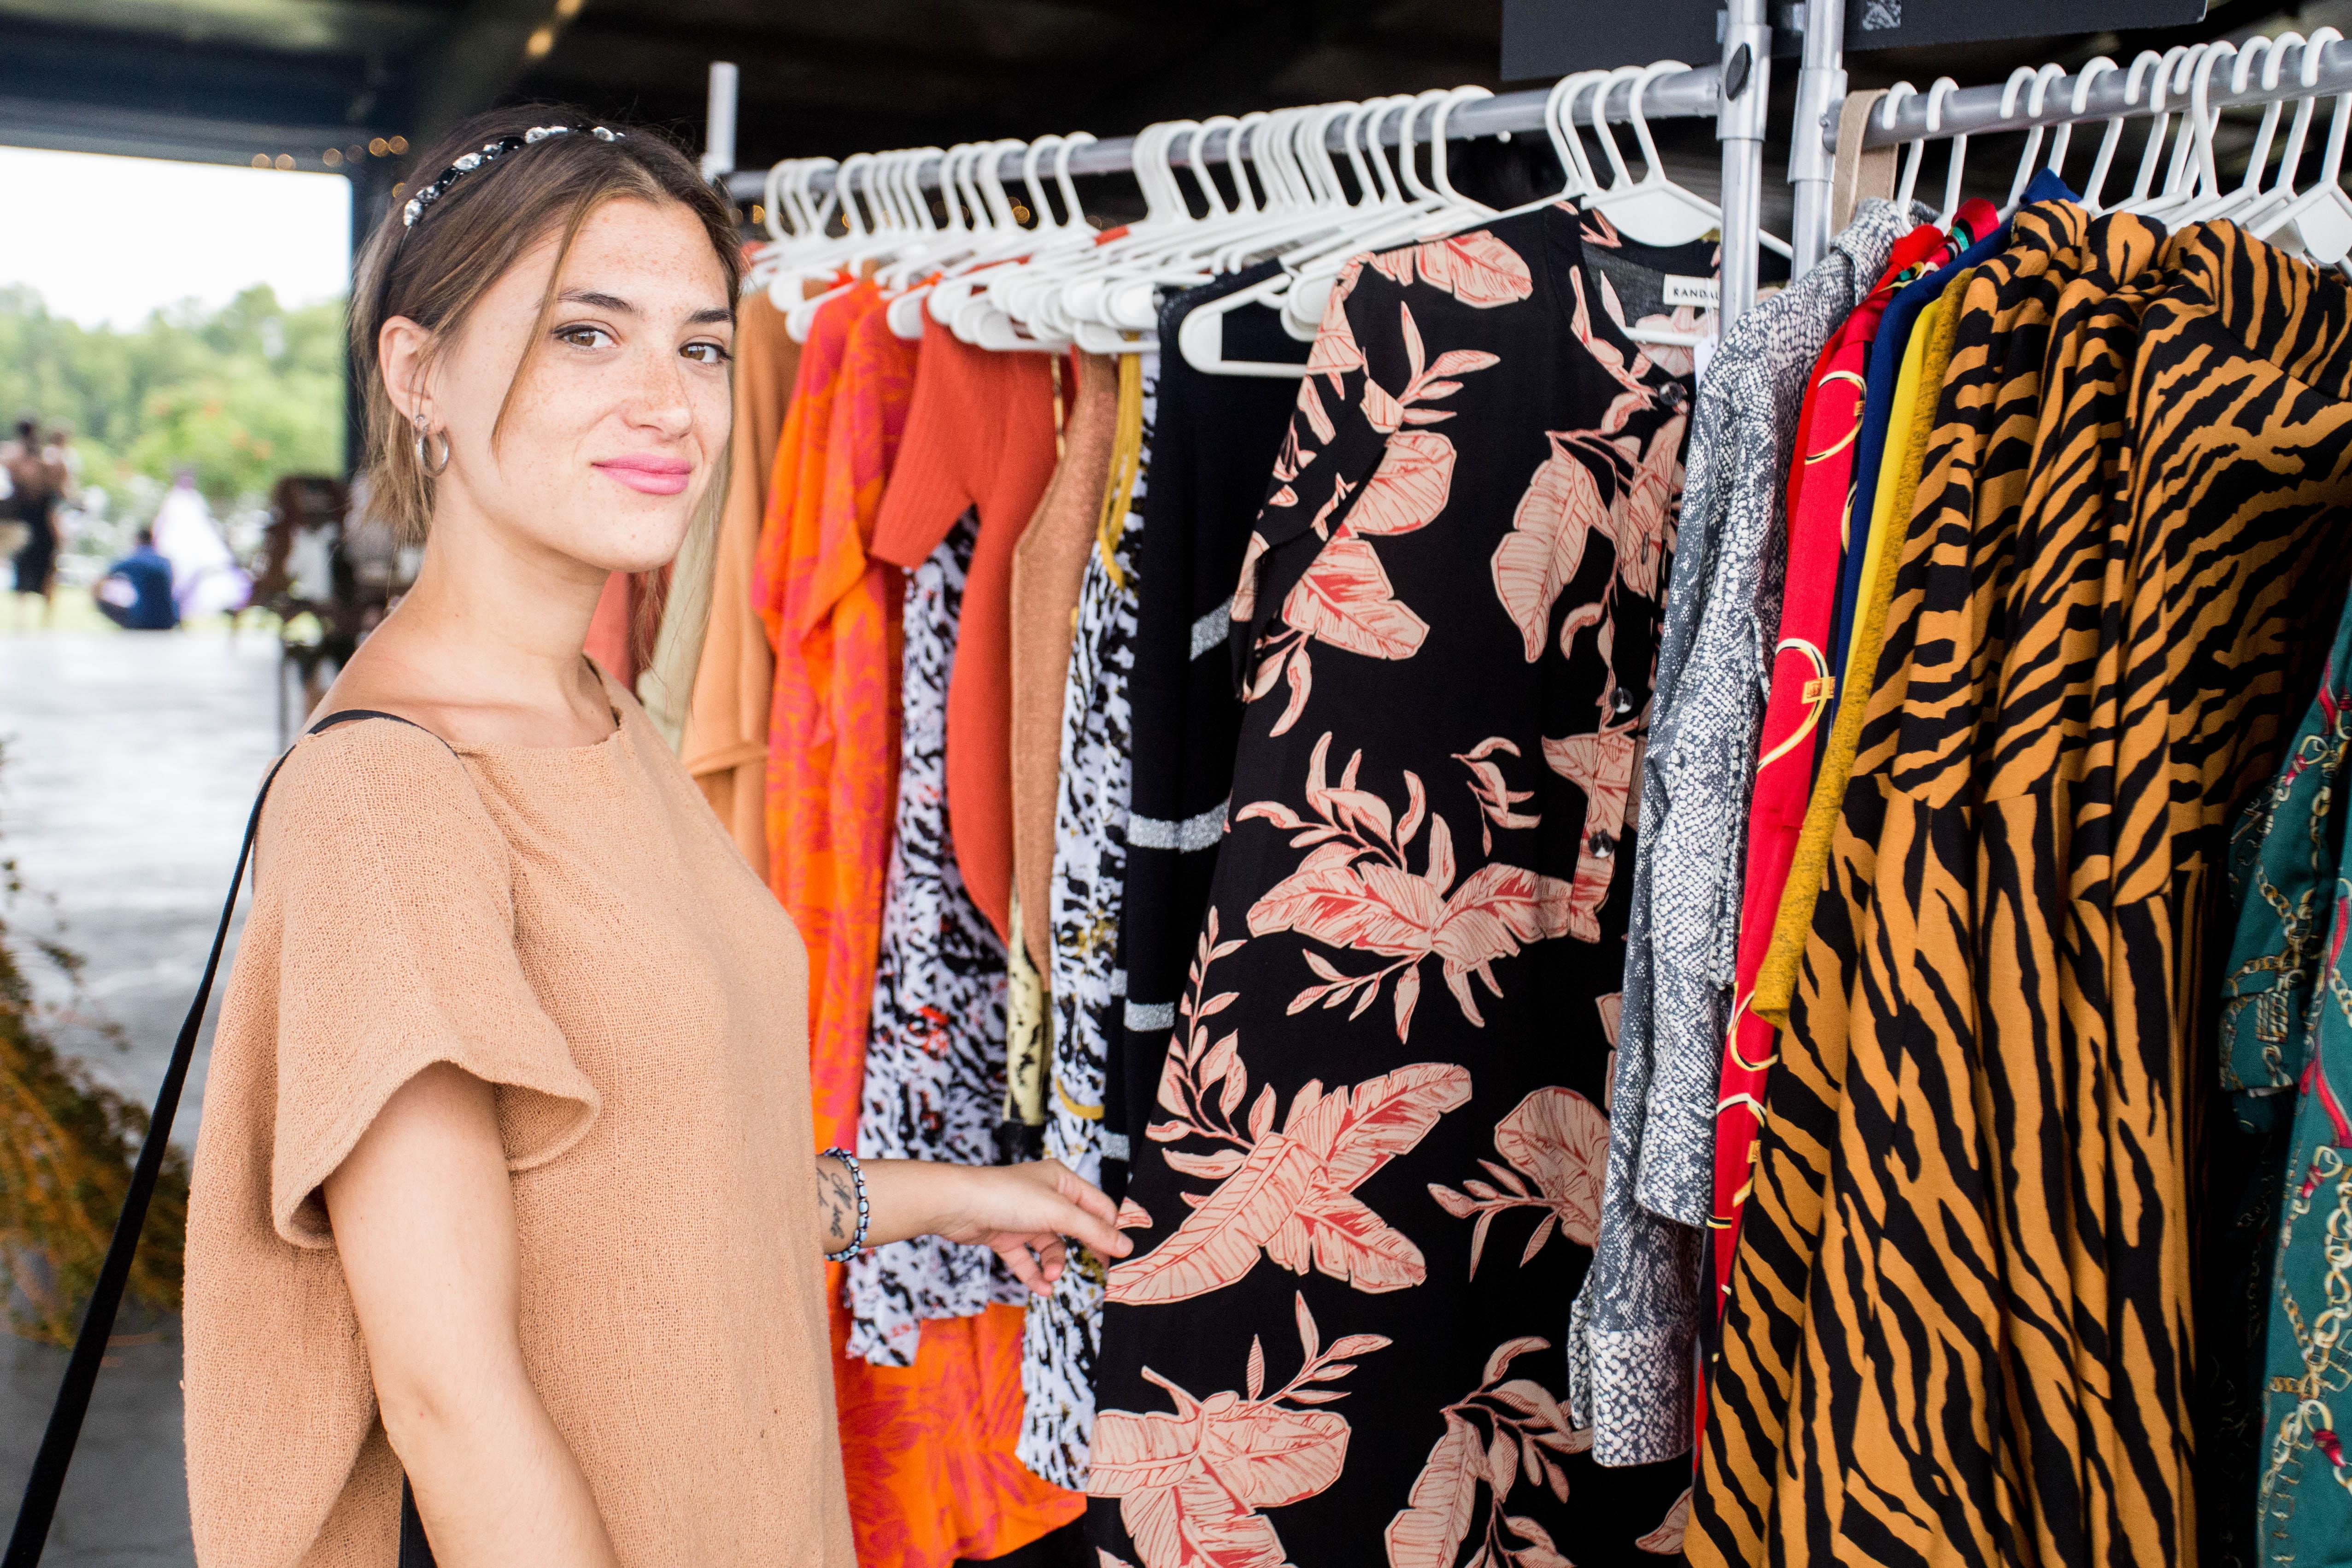 El festival, juntó a más de 70 emprendedores que reúnen lo mejor de la moda, los accesorios, la decoración, y el arte